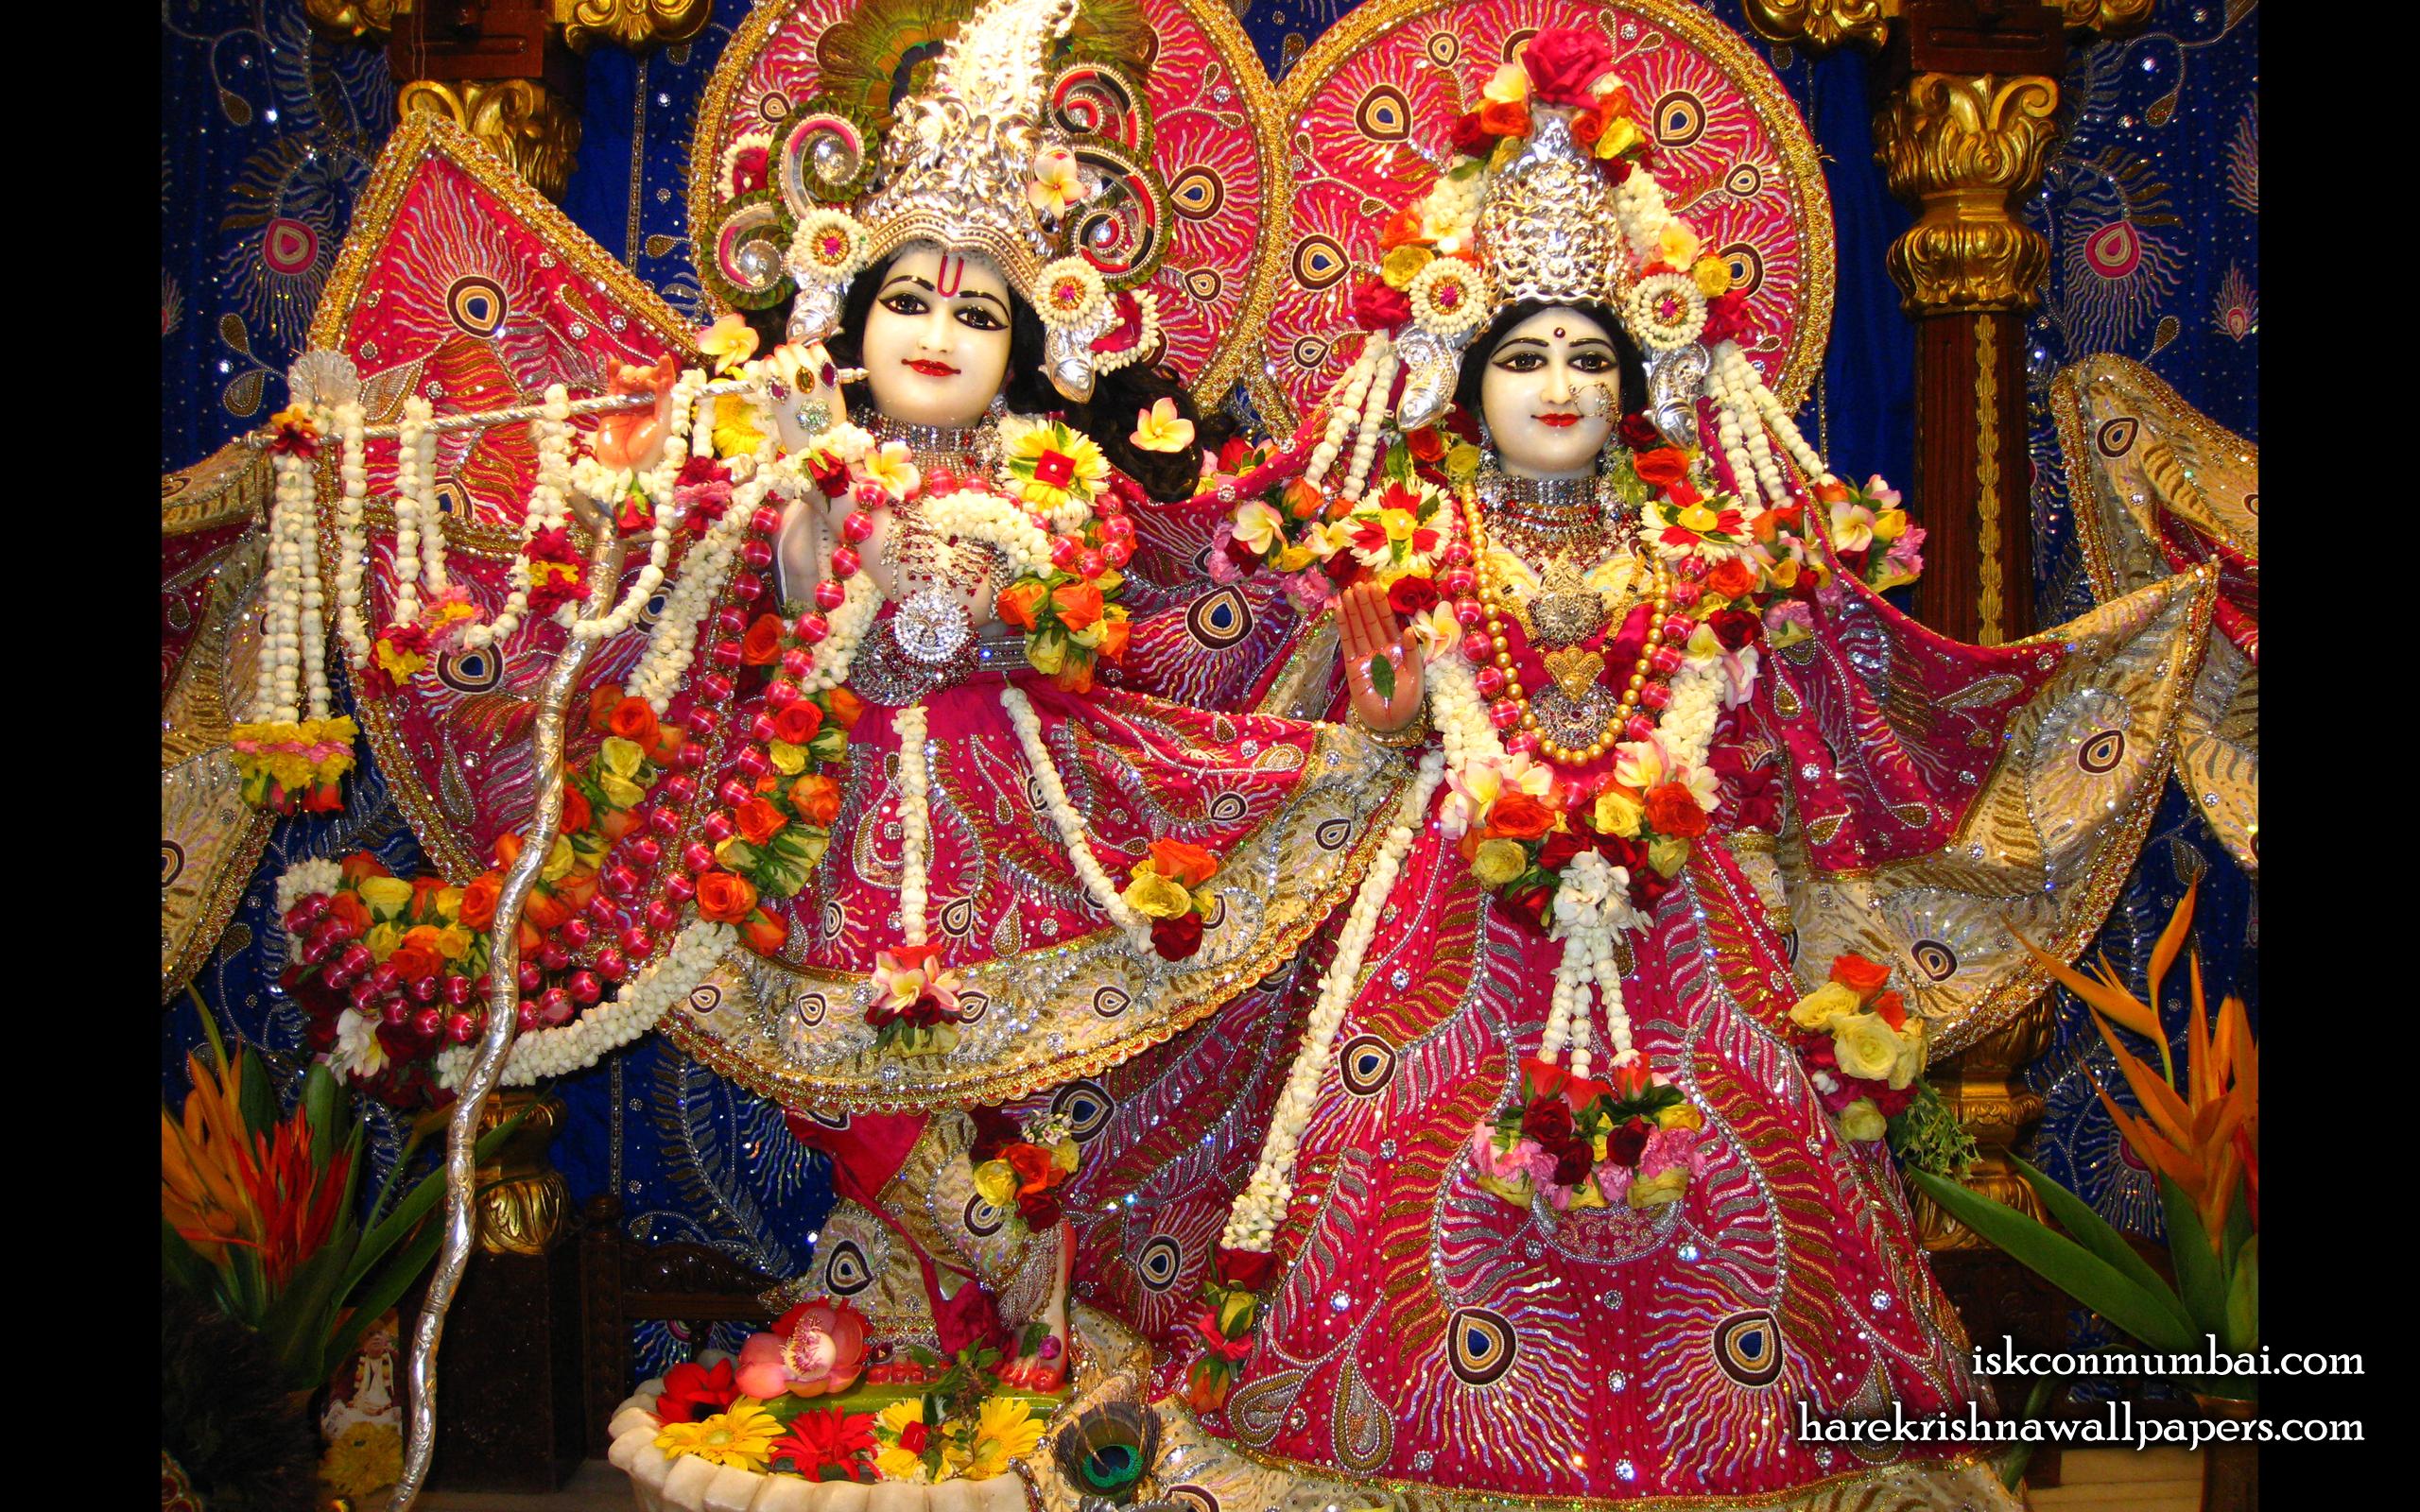 Sri Sri Radha Rasabihari Wallpaper (009) Size 2560x1600 Download